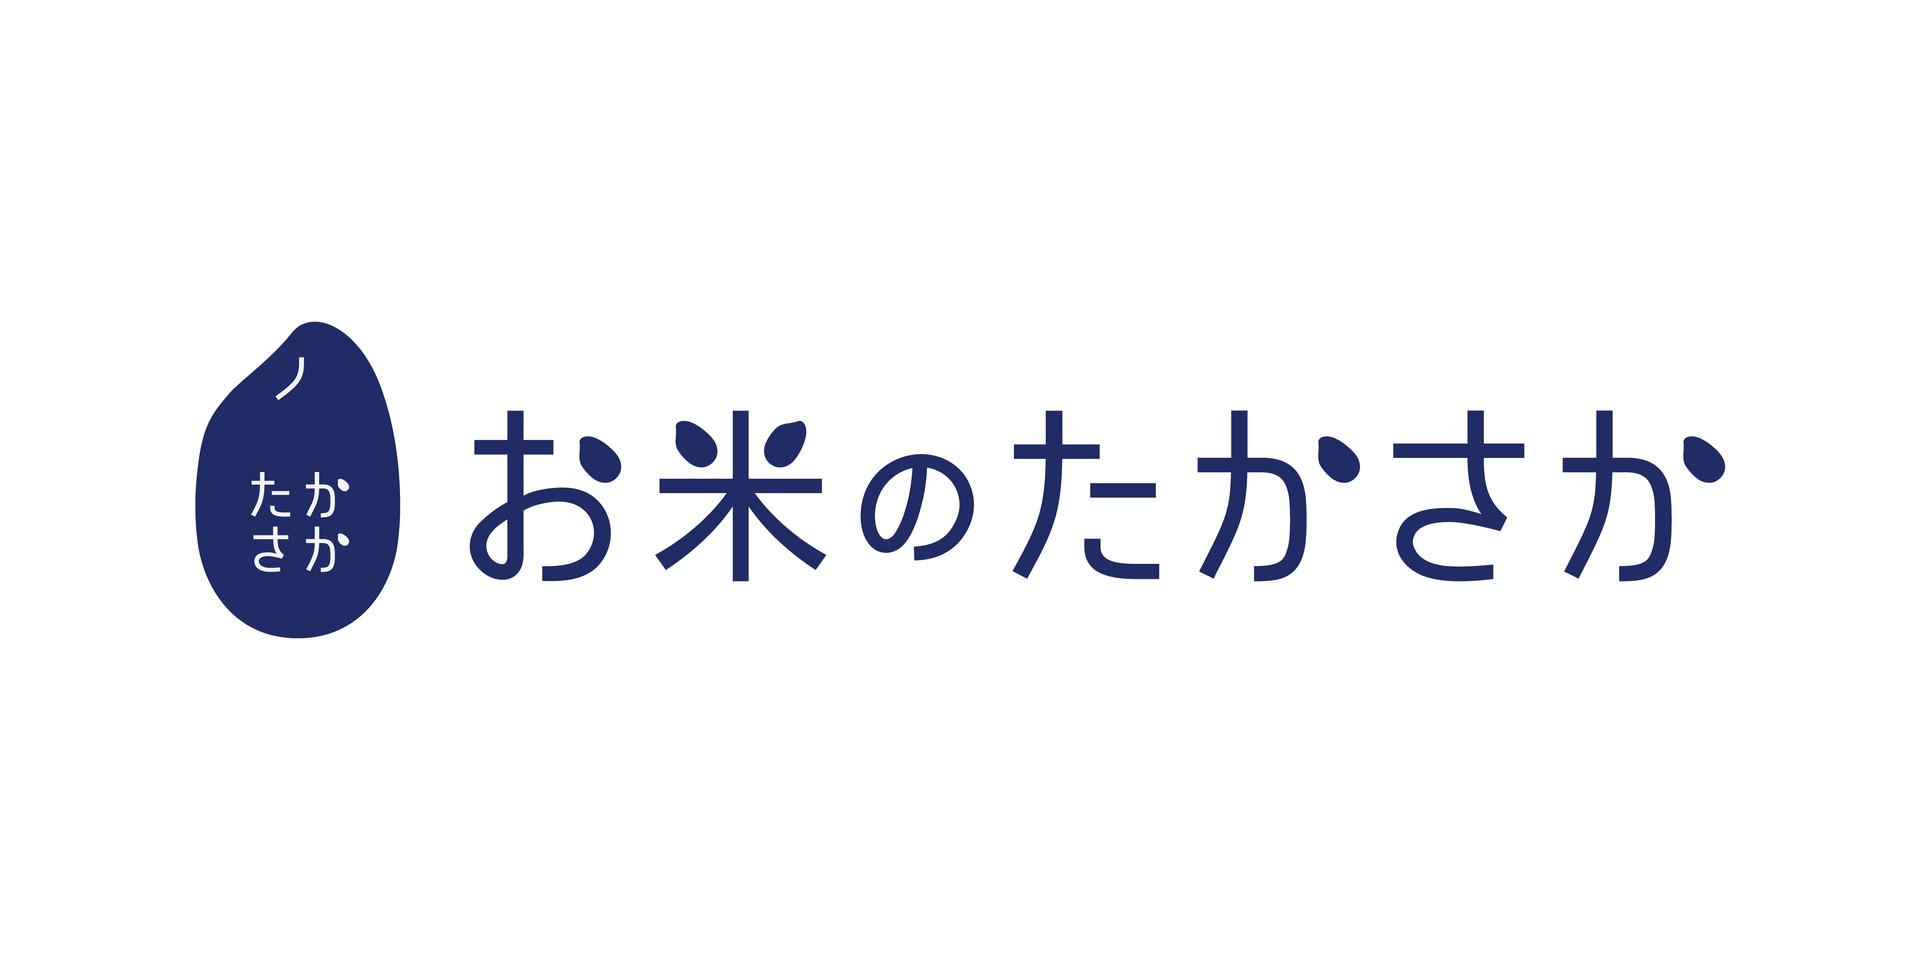 お米のたかさか_アートボード-1-のコピー-5.jpg